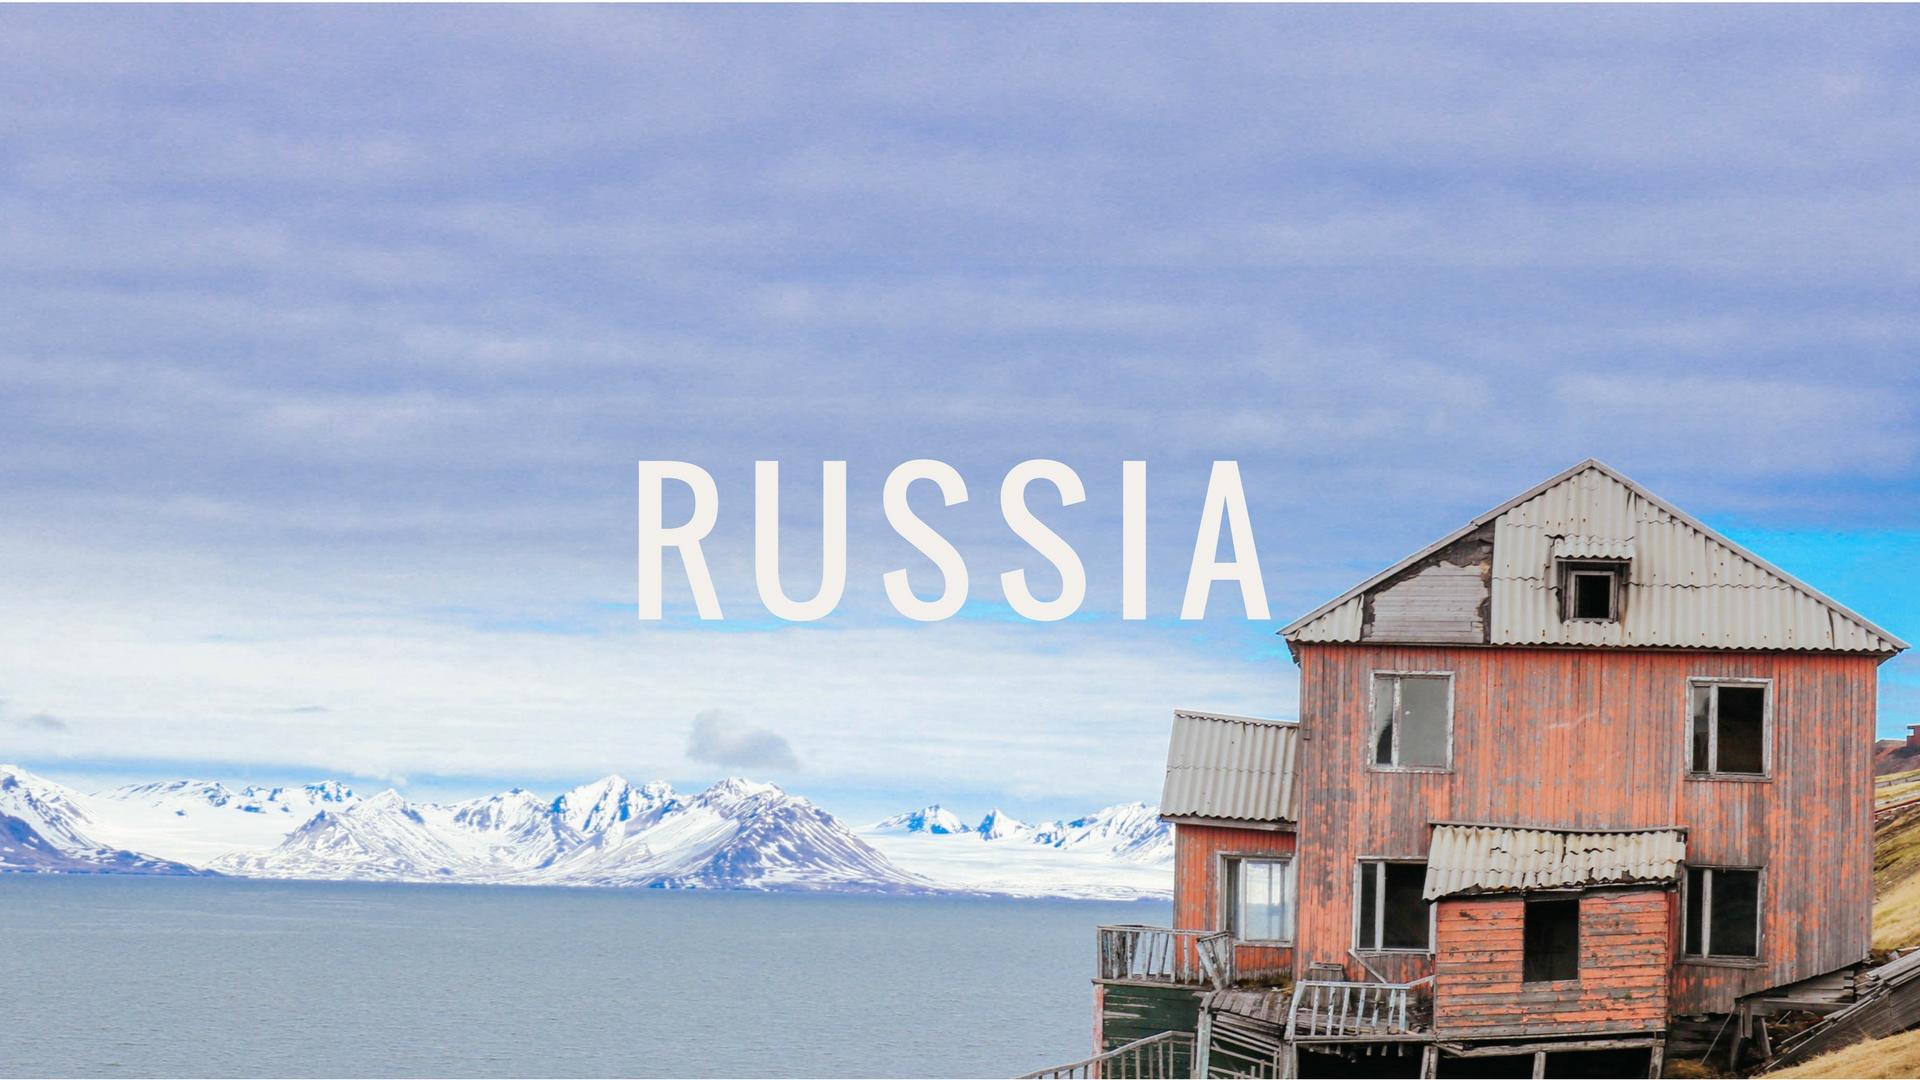 Russia Snow in Tromso